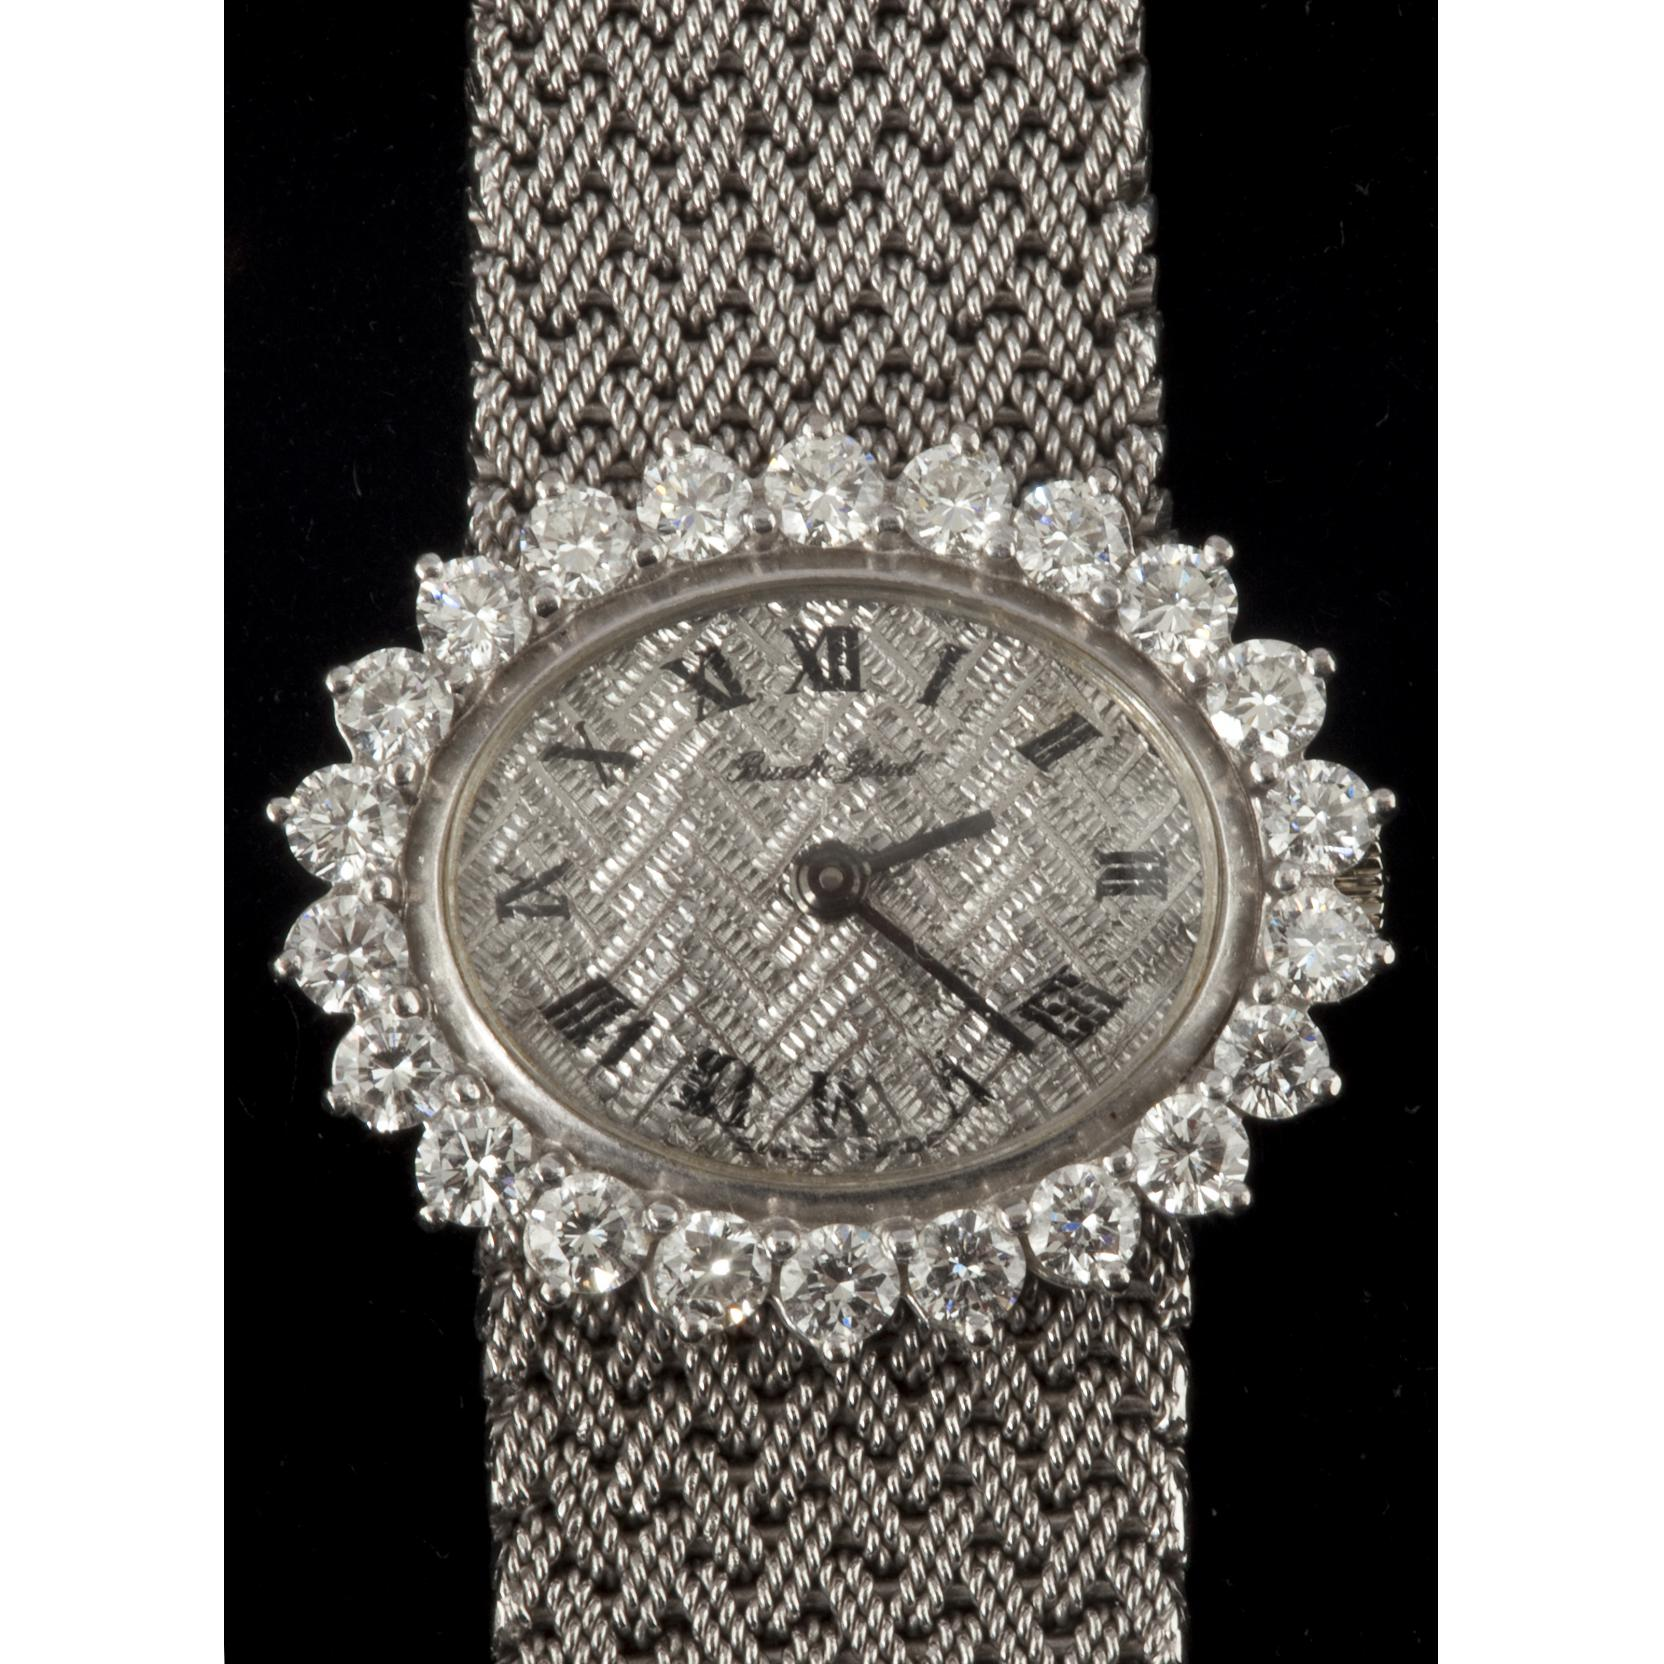 lady-s-diamond-wristwatch-bueche-girod